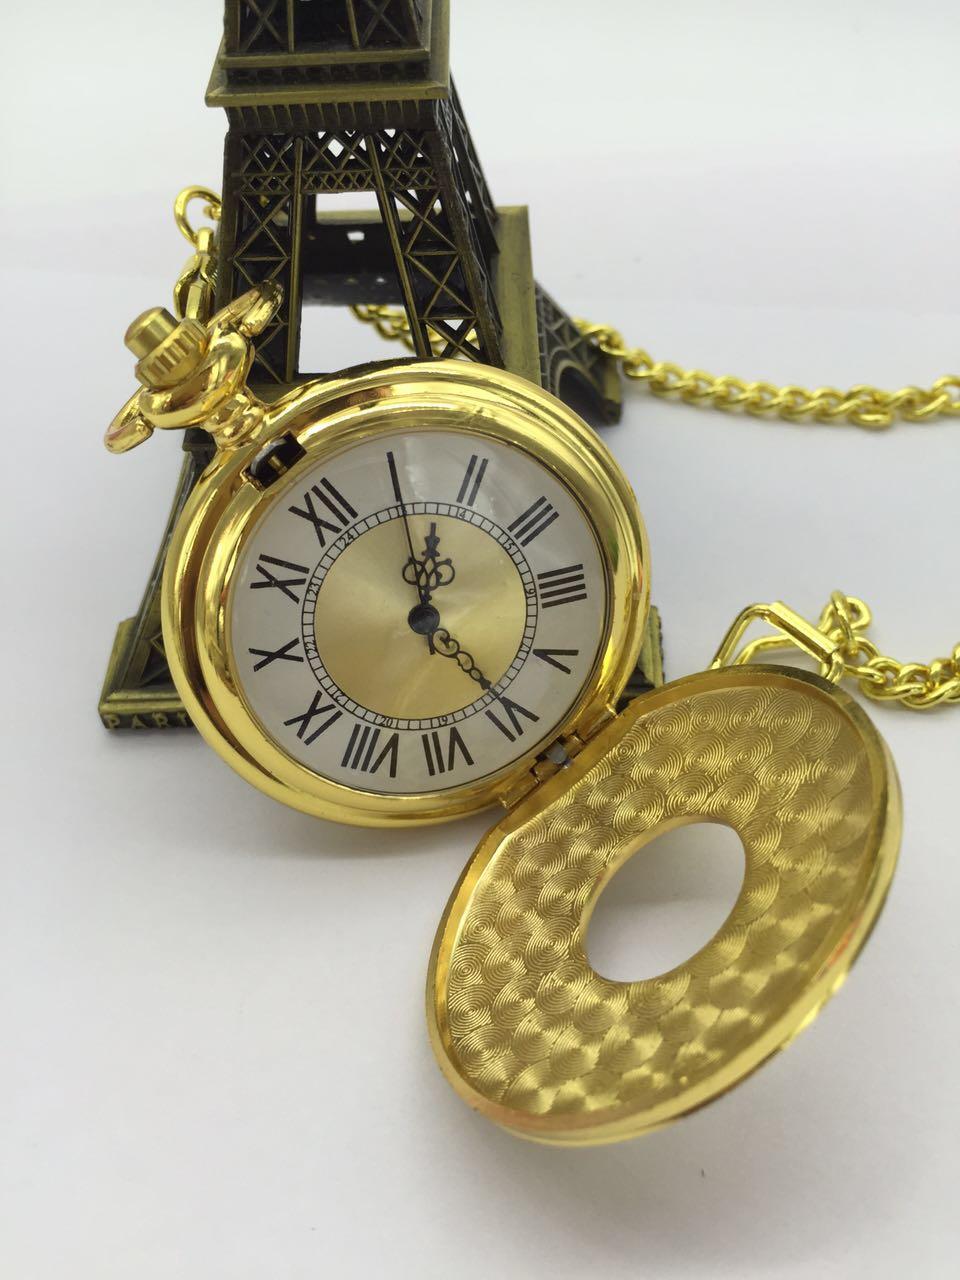 Nouveau quartz doré évider chiffres romains double affichage hommes FOB chaîne montres de poche-in Montres de poche from Montres    3